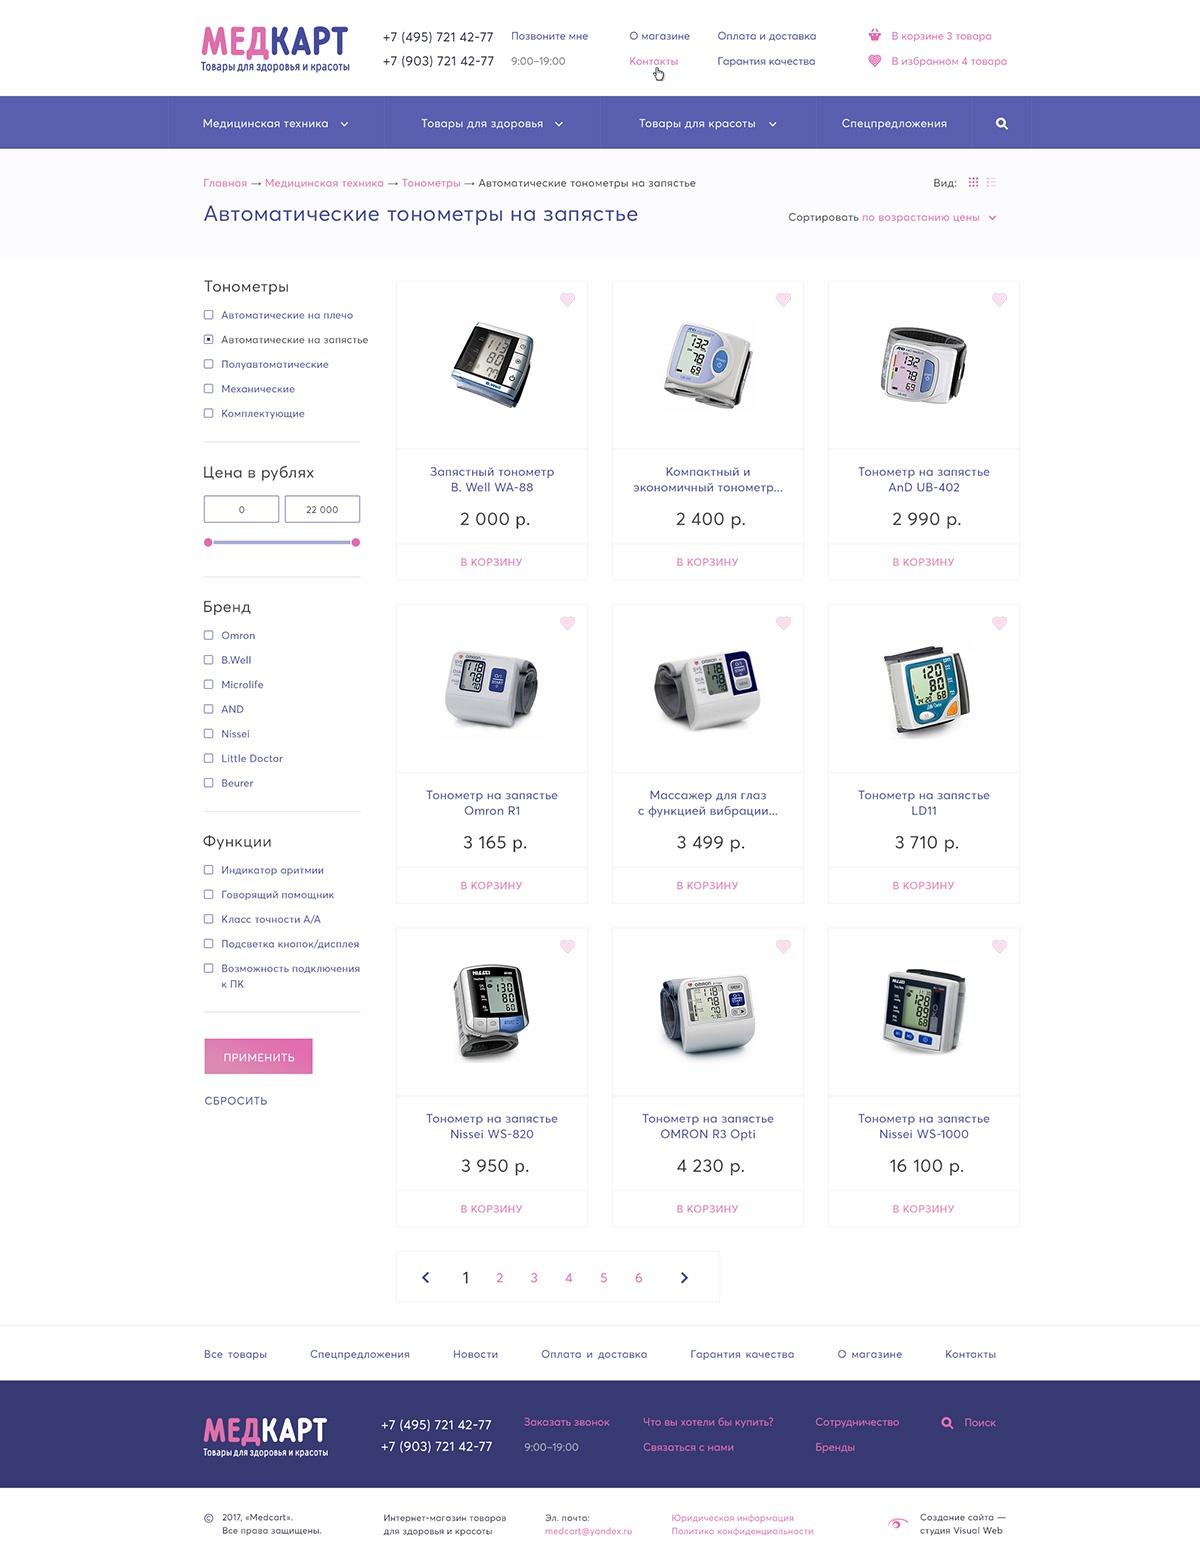 Создание интернет-магазина Медкарт